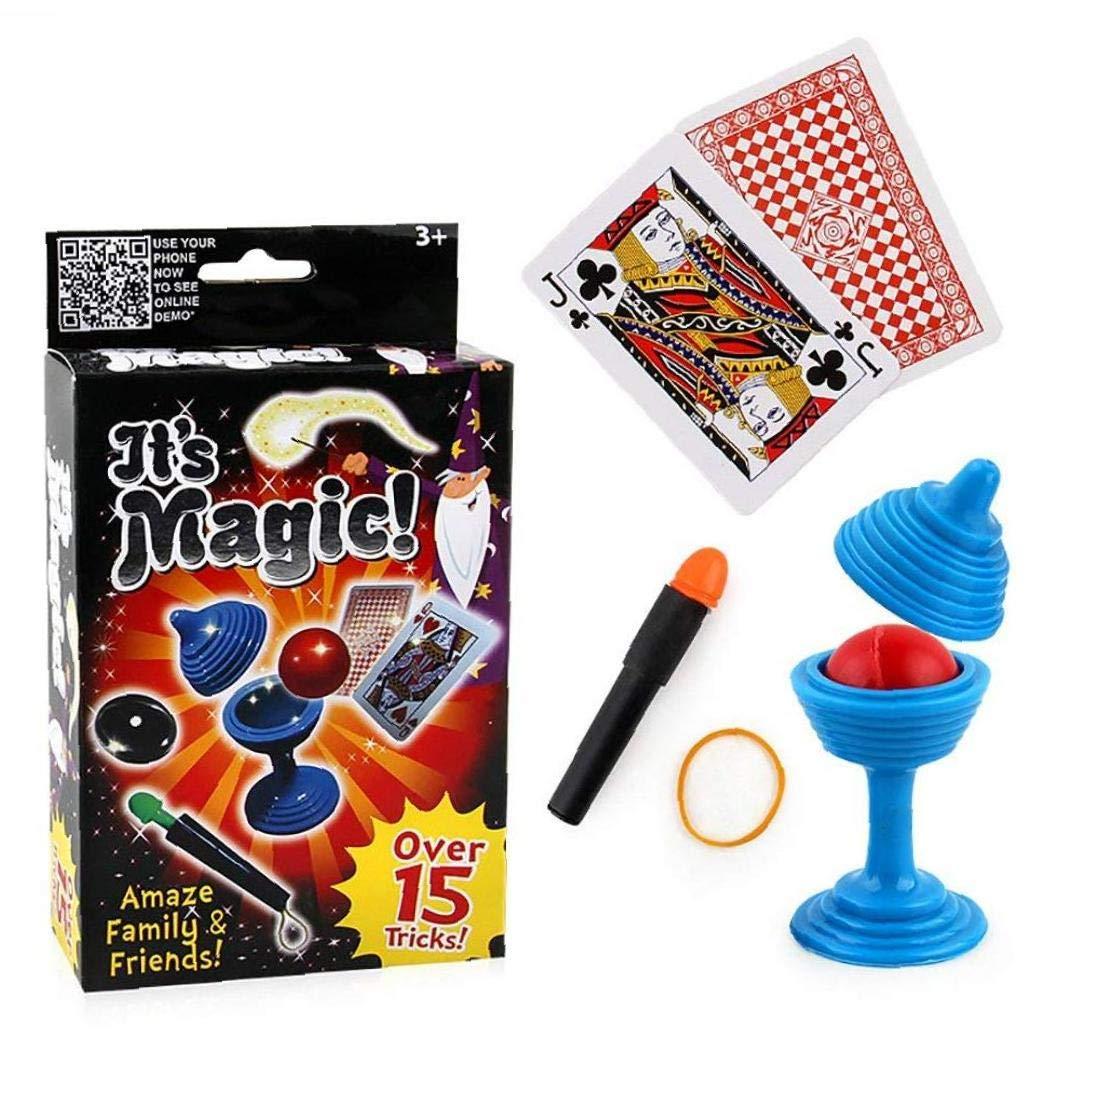 3 Trucos PC Cl/ásico De Fuga Mini Bola M/ágica Poker Magia Truco Bandas De Goma Mago De La Etapa Puntales Juguetes Set